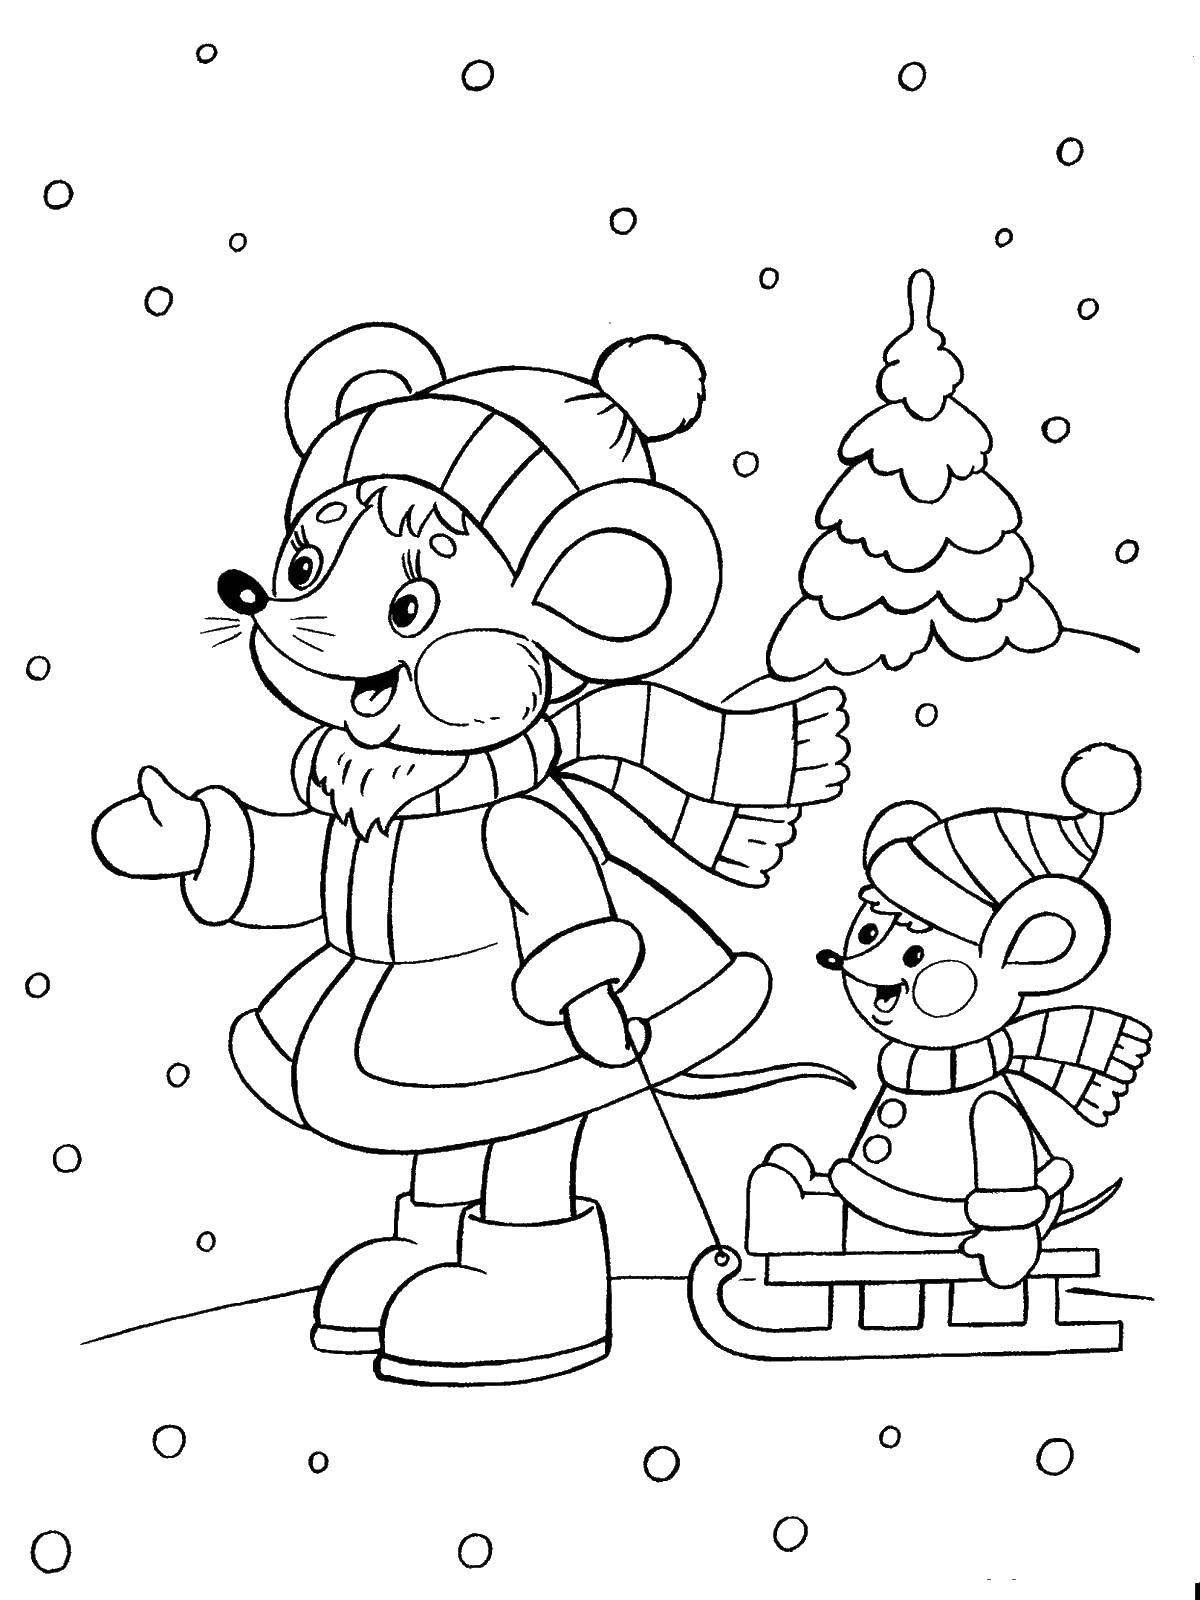 Раскраска Мышка везет детеныша на санках Скачать санки, мышка.  Распечатать ,зима,